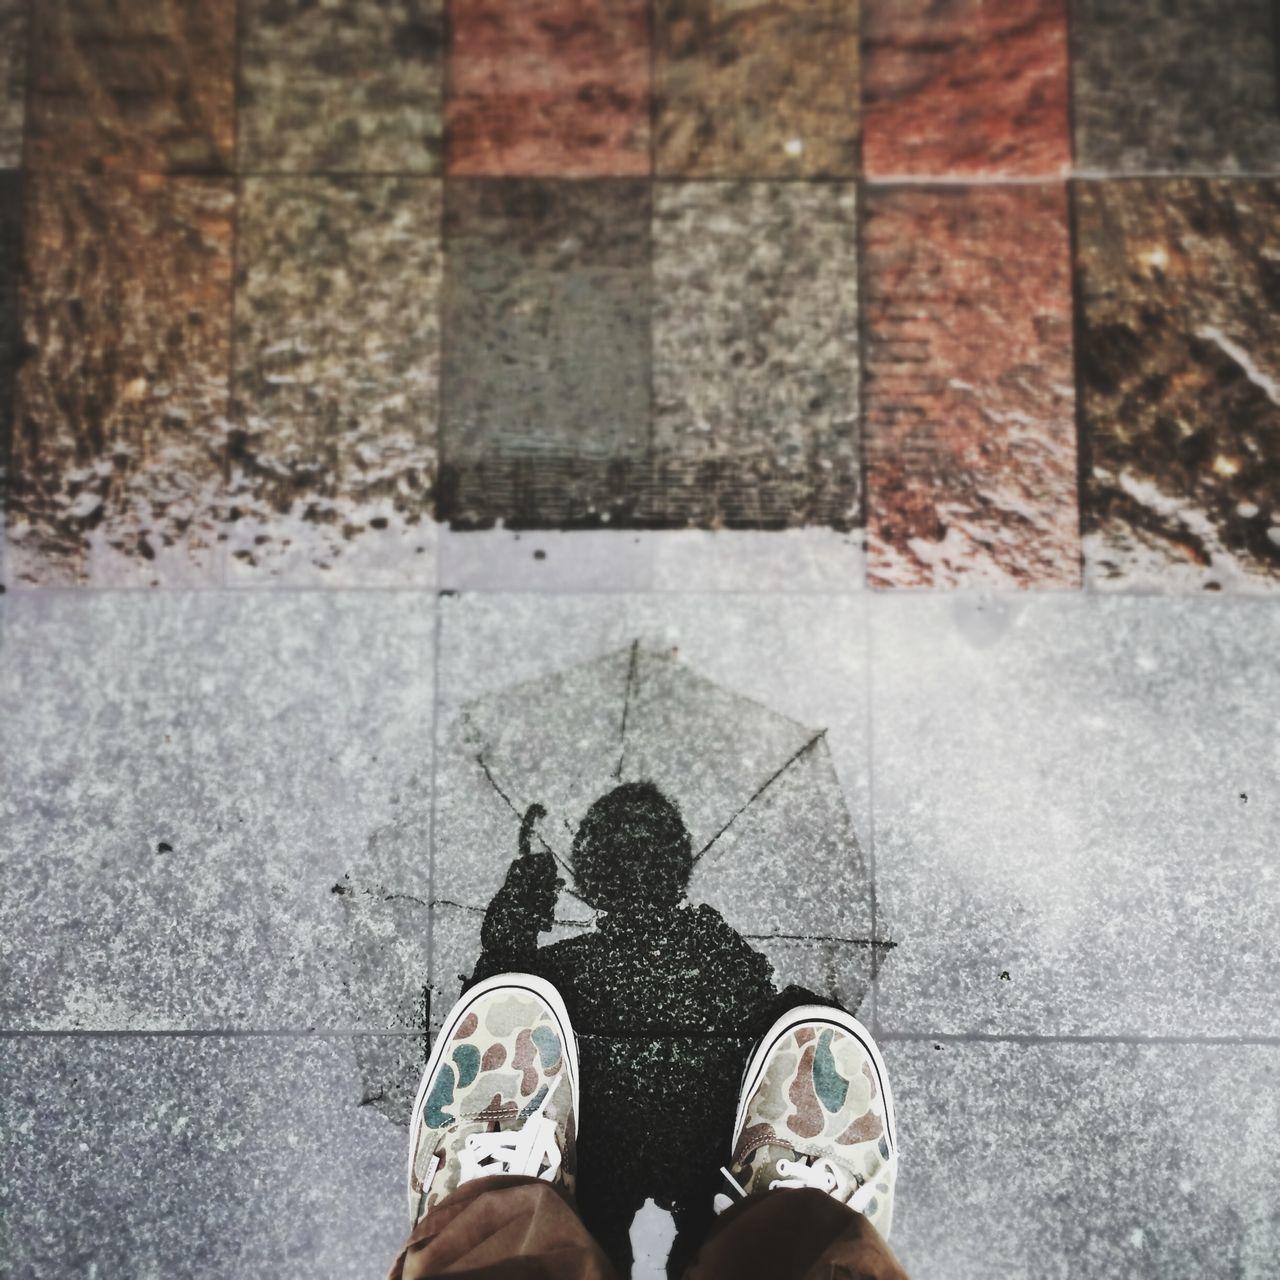 Beautiful stock photos of umbrella, Close-Up, Footwear, Human Leg, Low Section